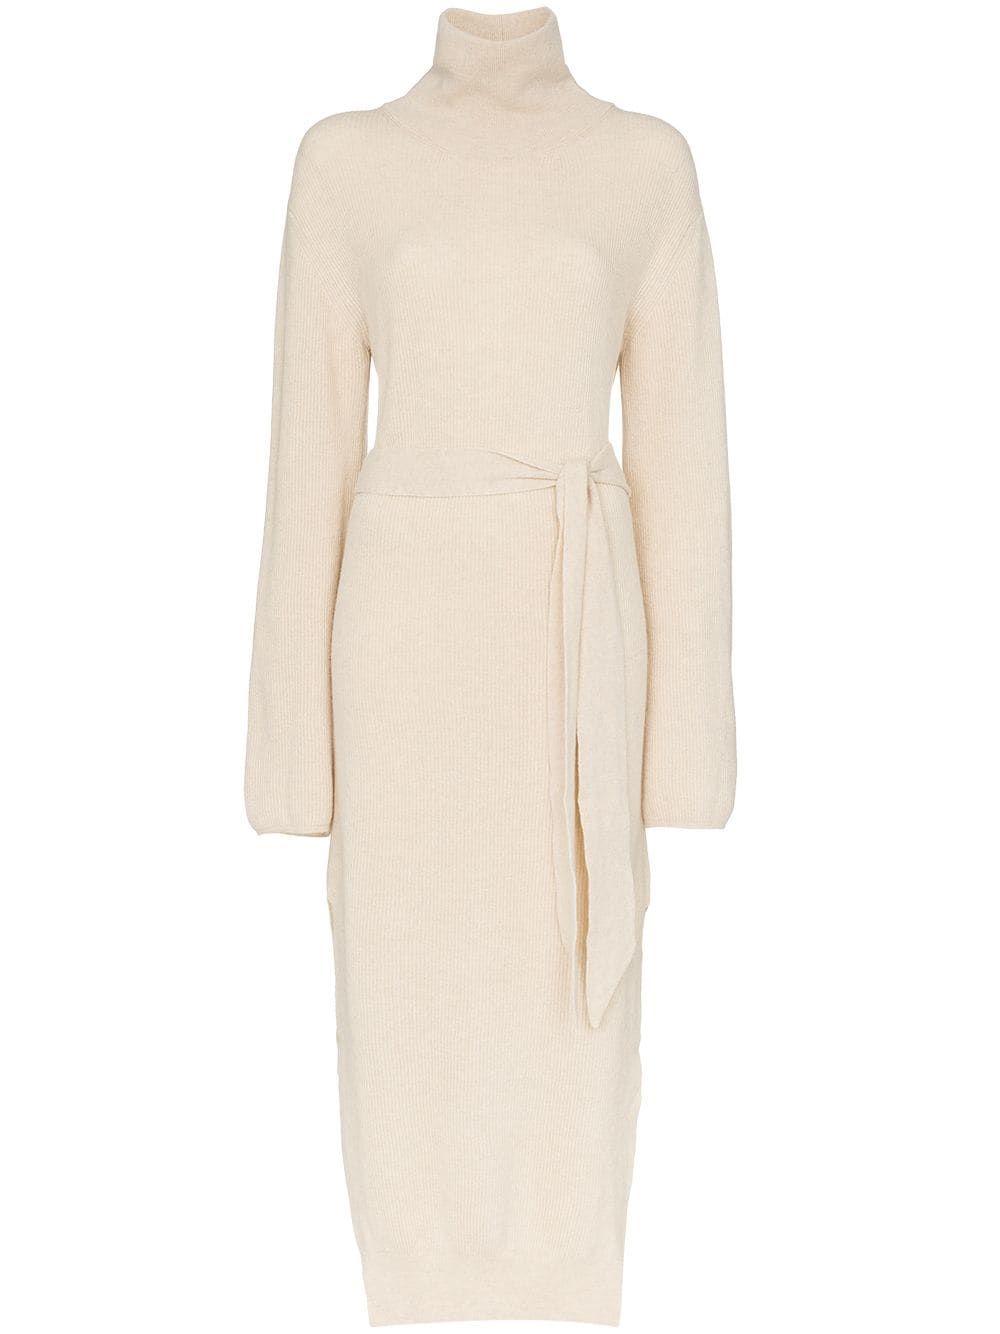 Knit Cashmere Blend Turtleneck Dress